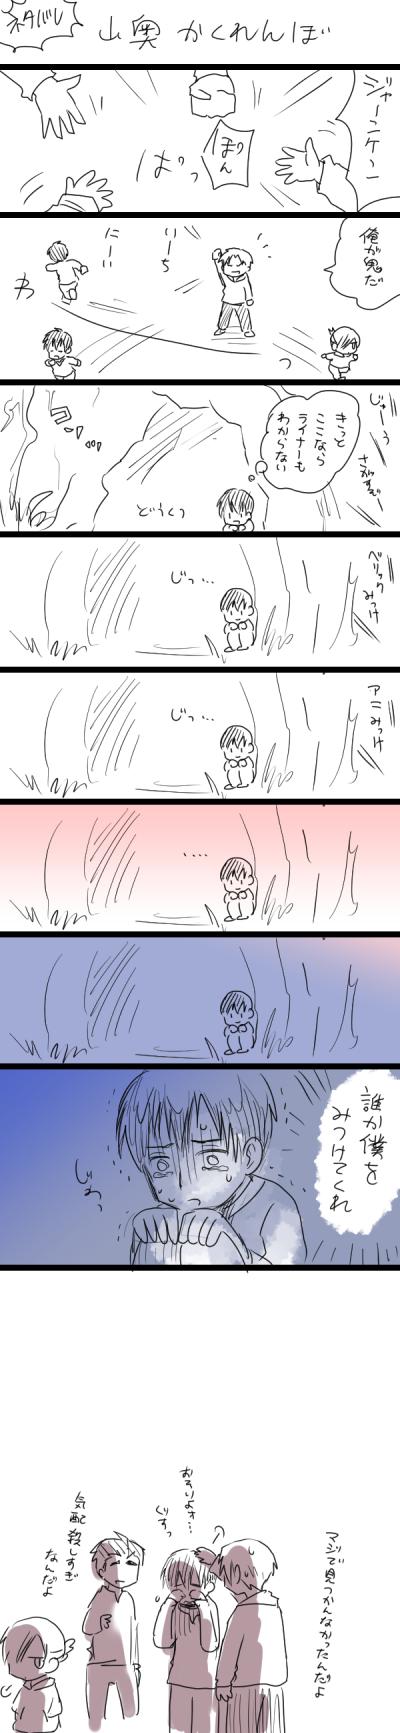 20130826yamaoku